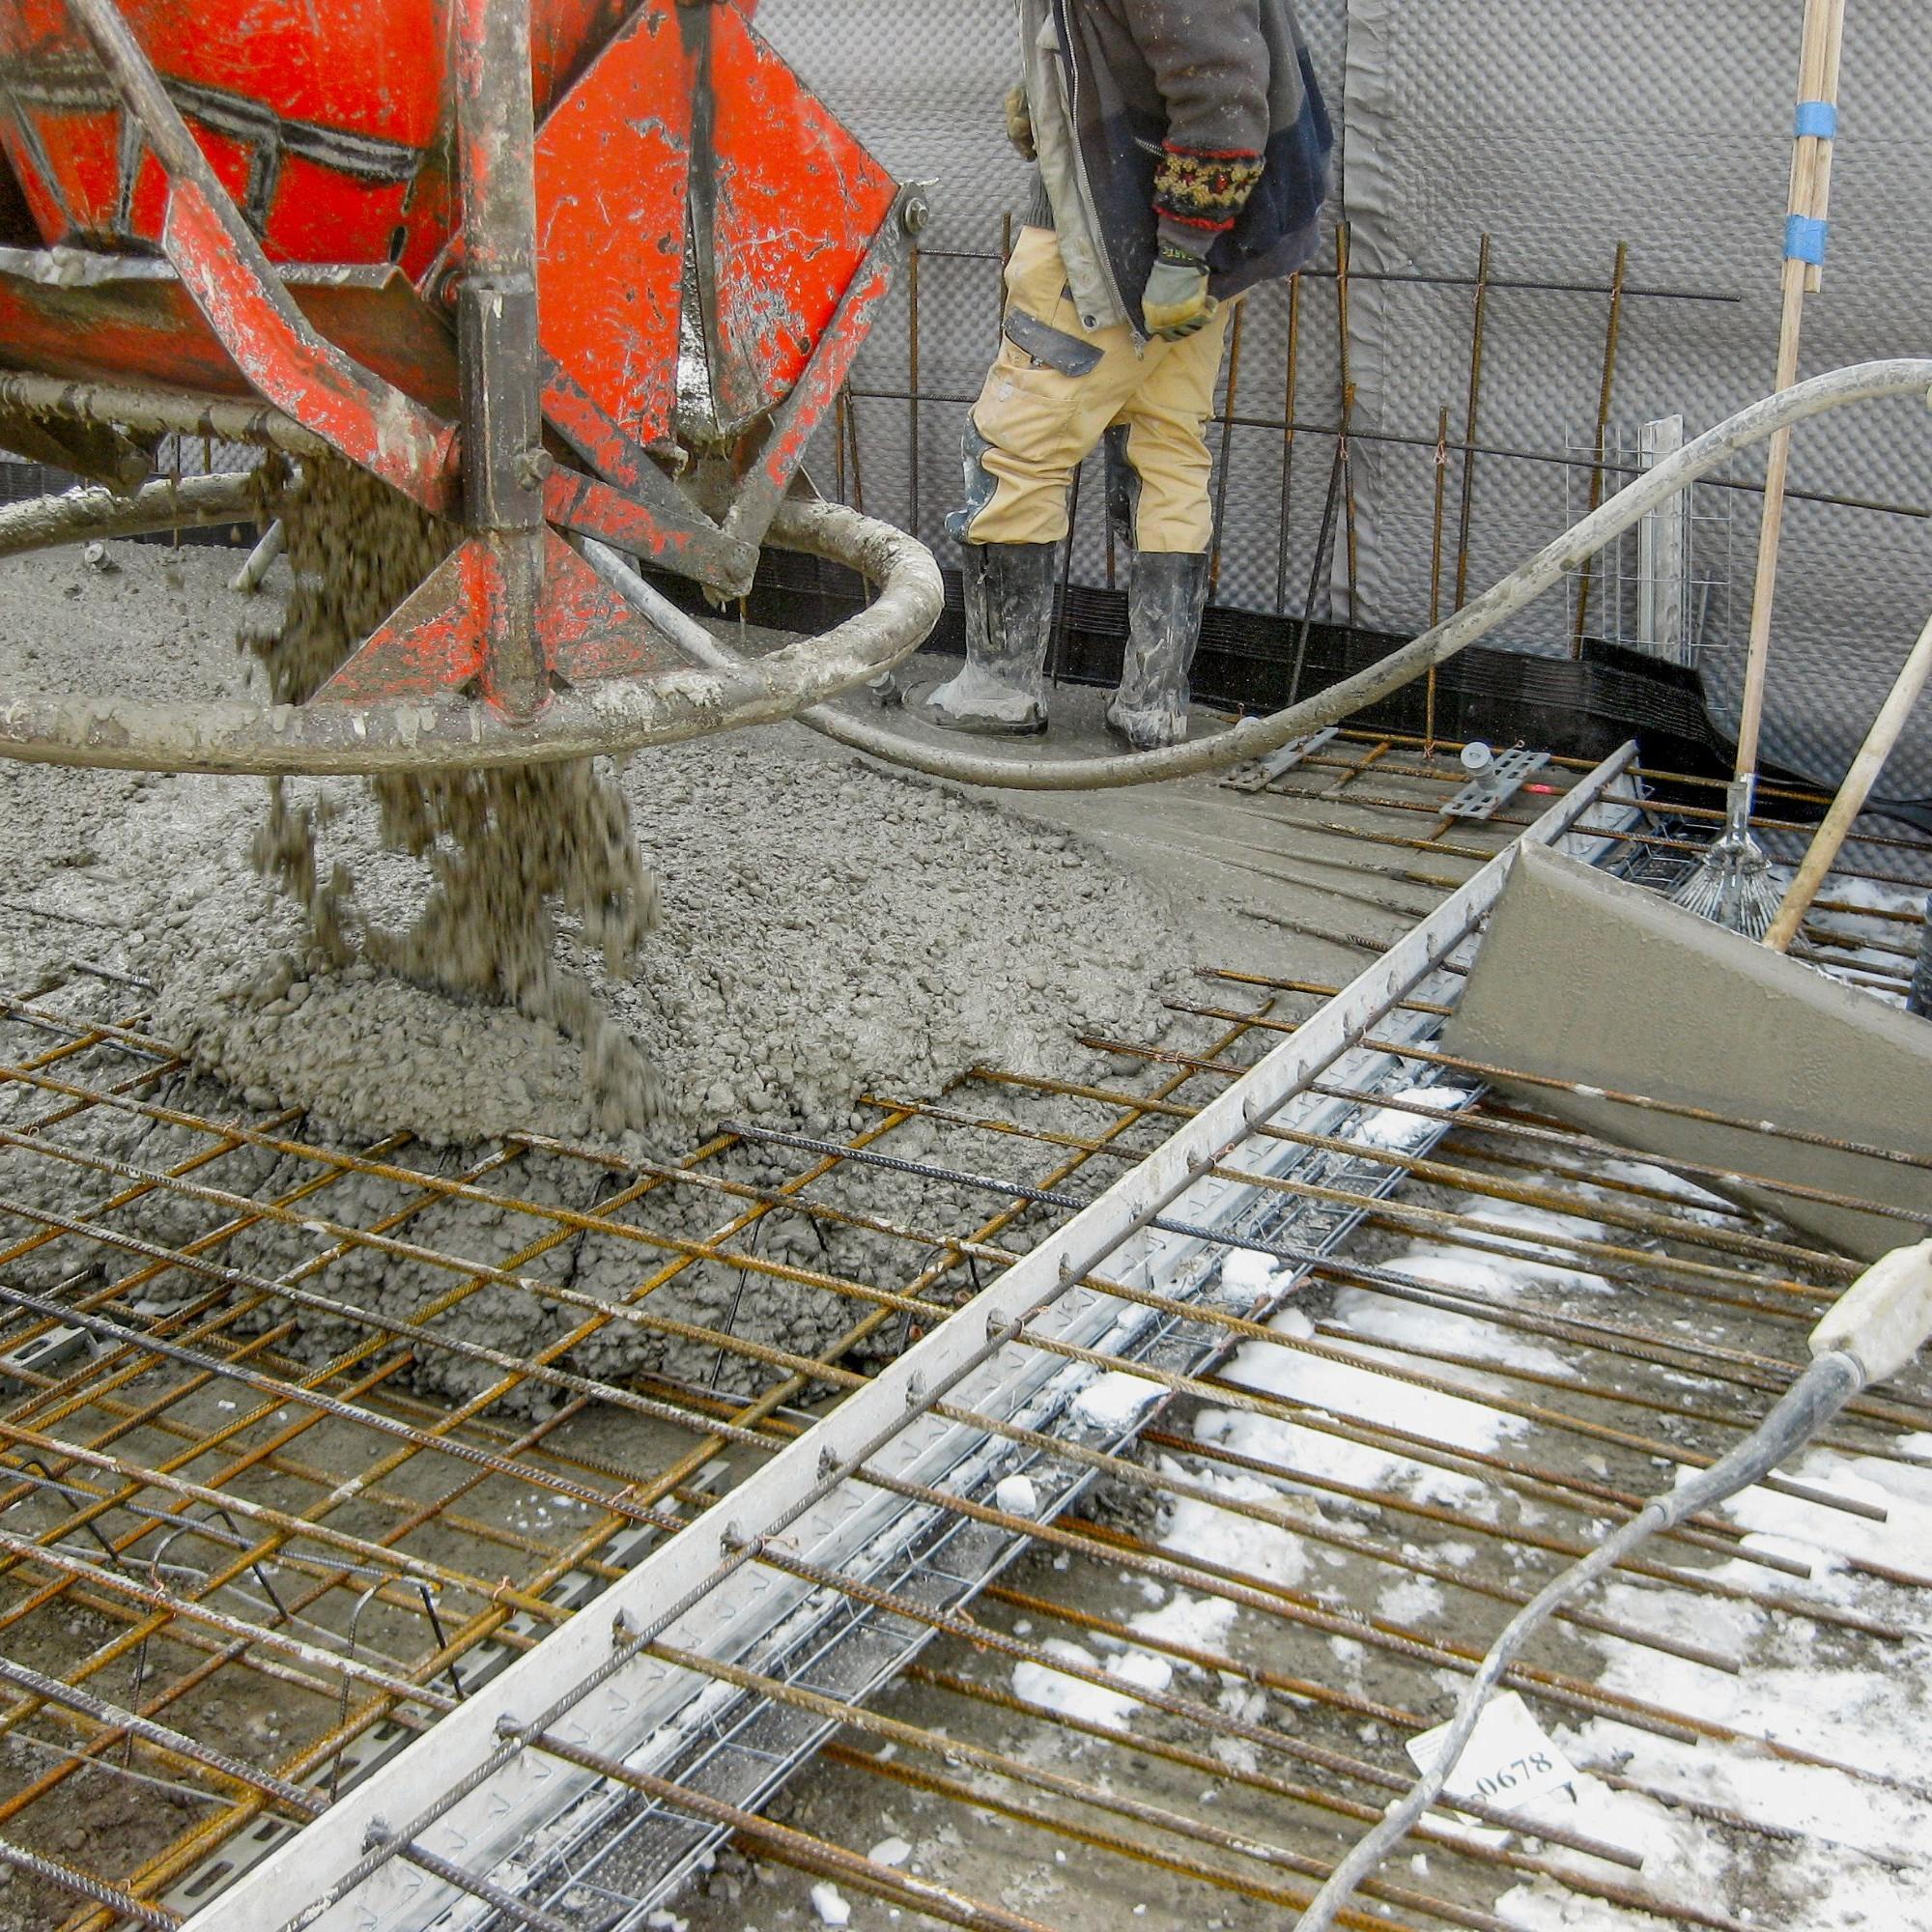 Das «V-Max Board WD» hält bei wasserdichten Bauwerken das Fugenband horizontal, damit der Beton darunter perfekt verdichten kann und undichte Lufteinschlüsse verhindert werden.